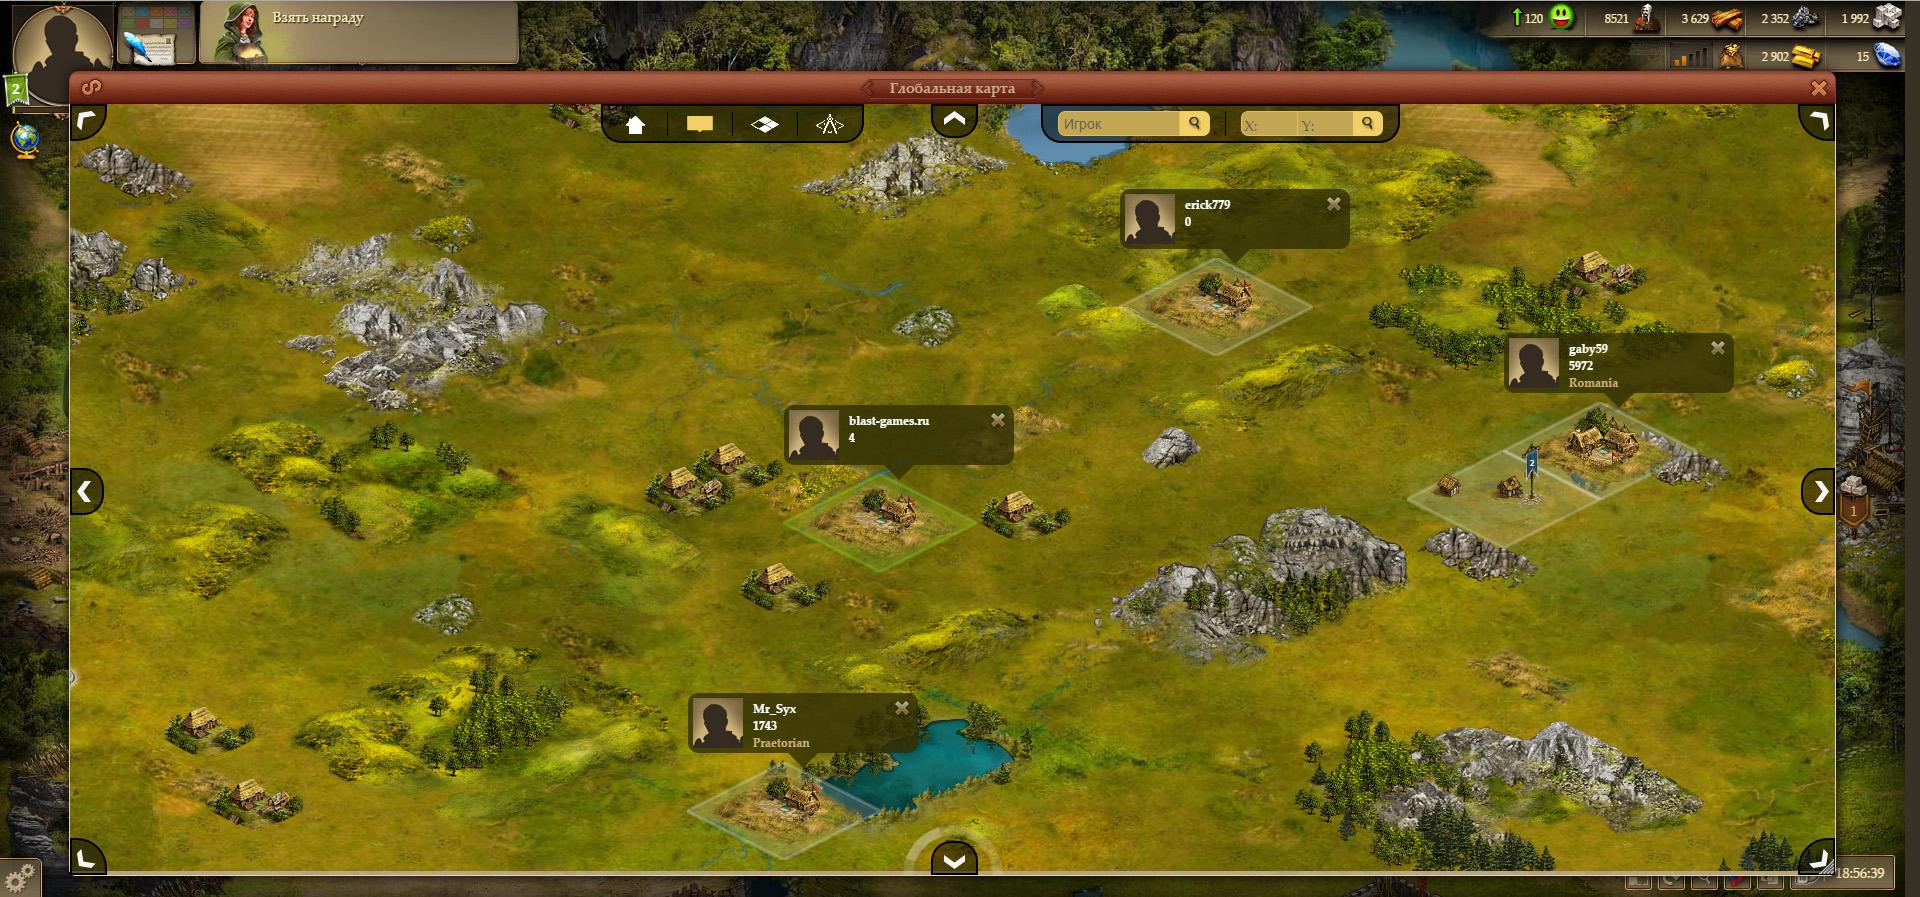 igra-imperia-onlajn-obzor-scr-4